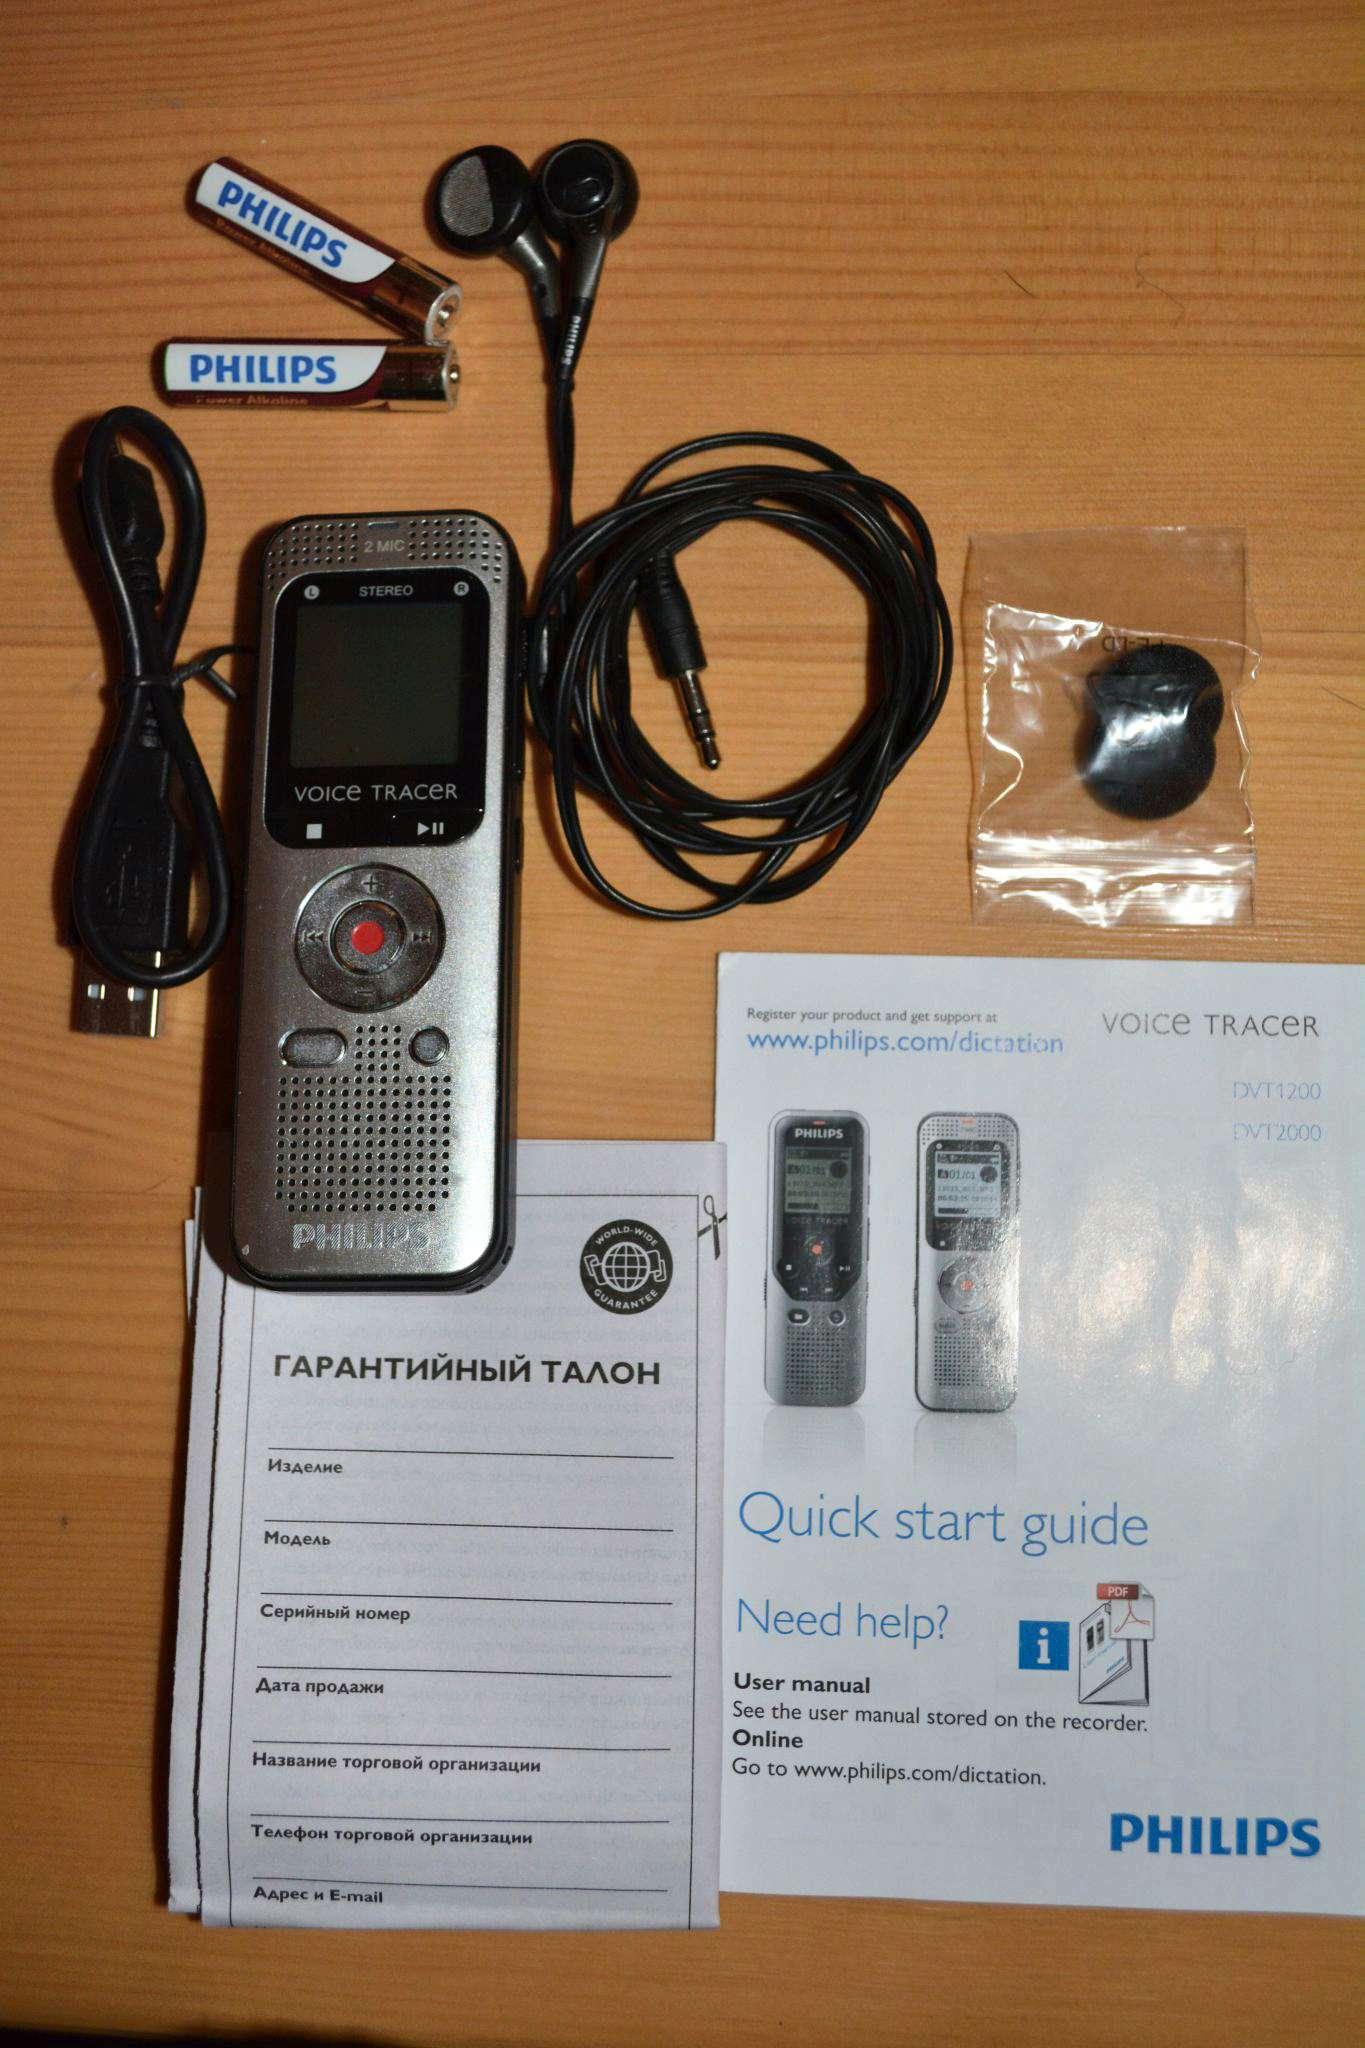 диктофон philips voice tracer 7655 инструкция